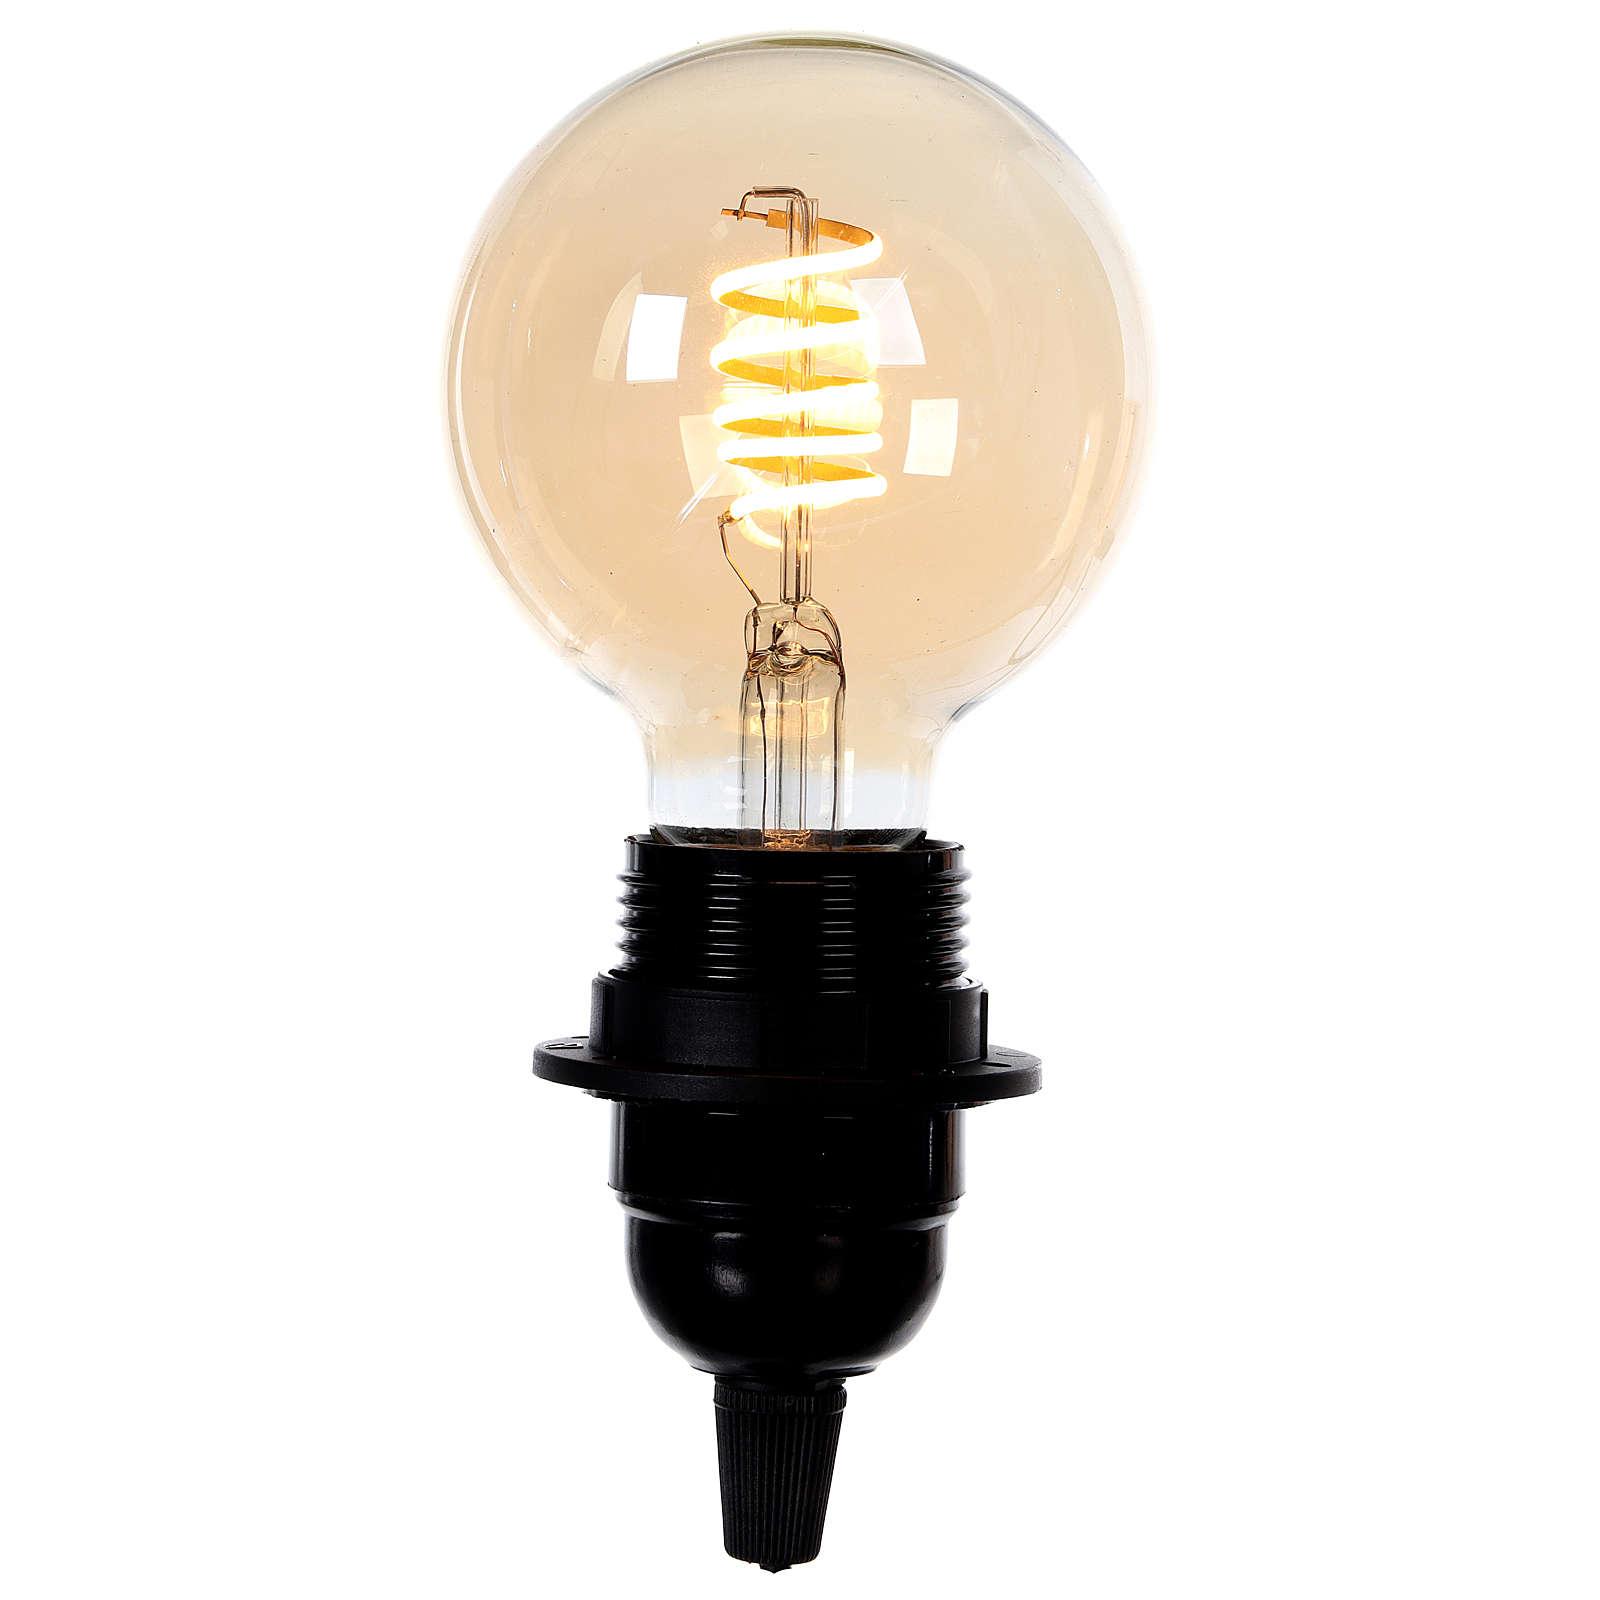 Lampadina luce ambrata 4W E27 3